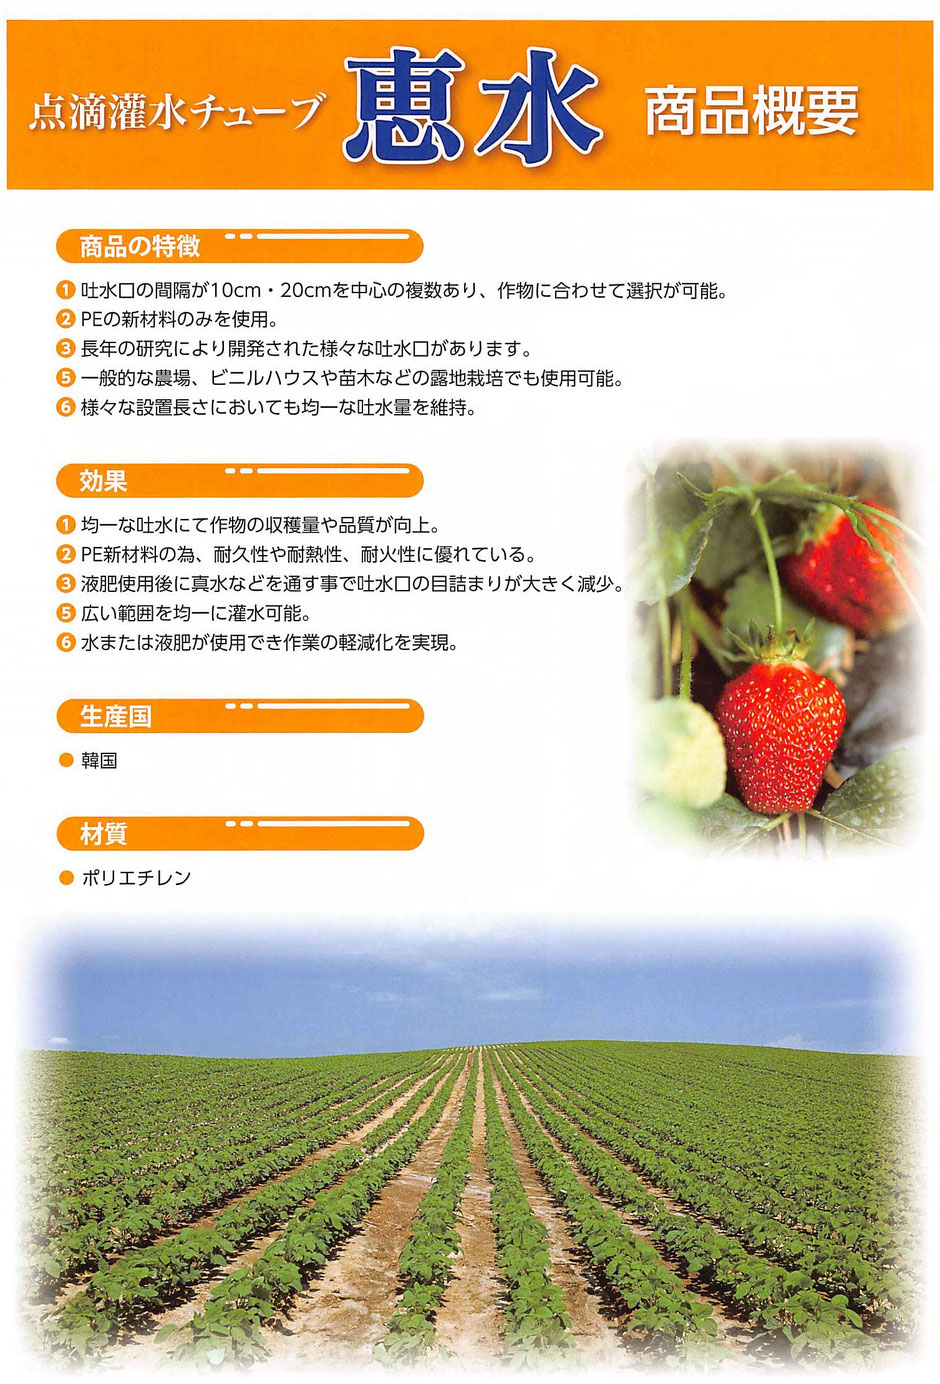 畑の作物に、水を供給する灌水チューブです。